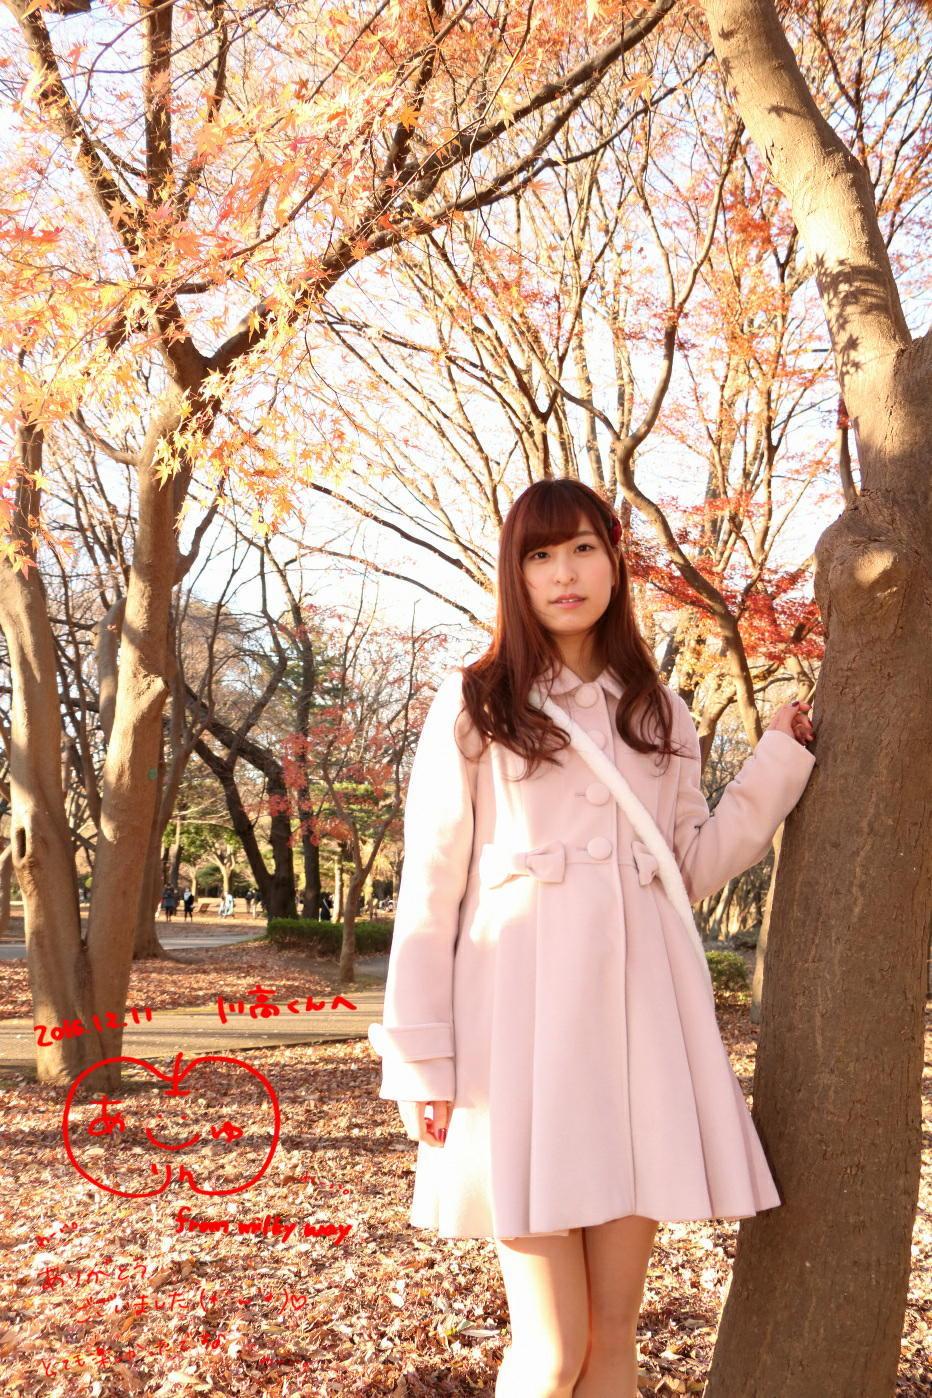 ashrin_favorite_00102.jpg